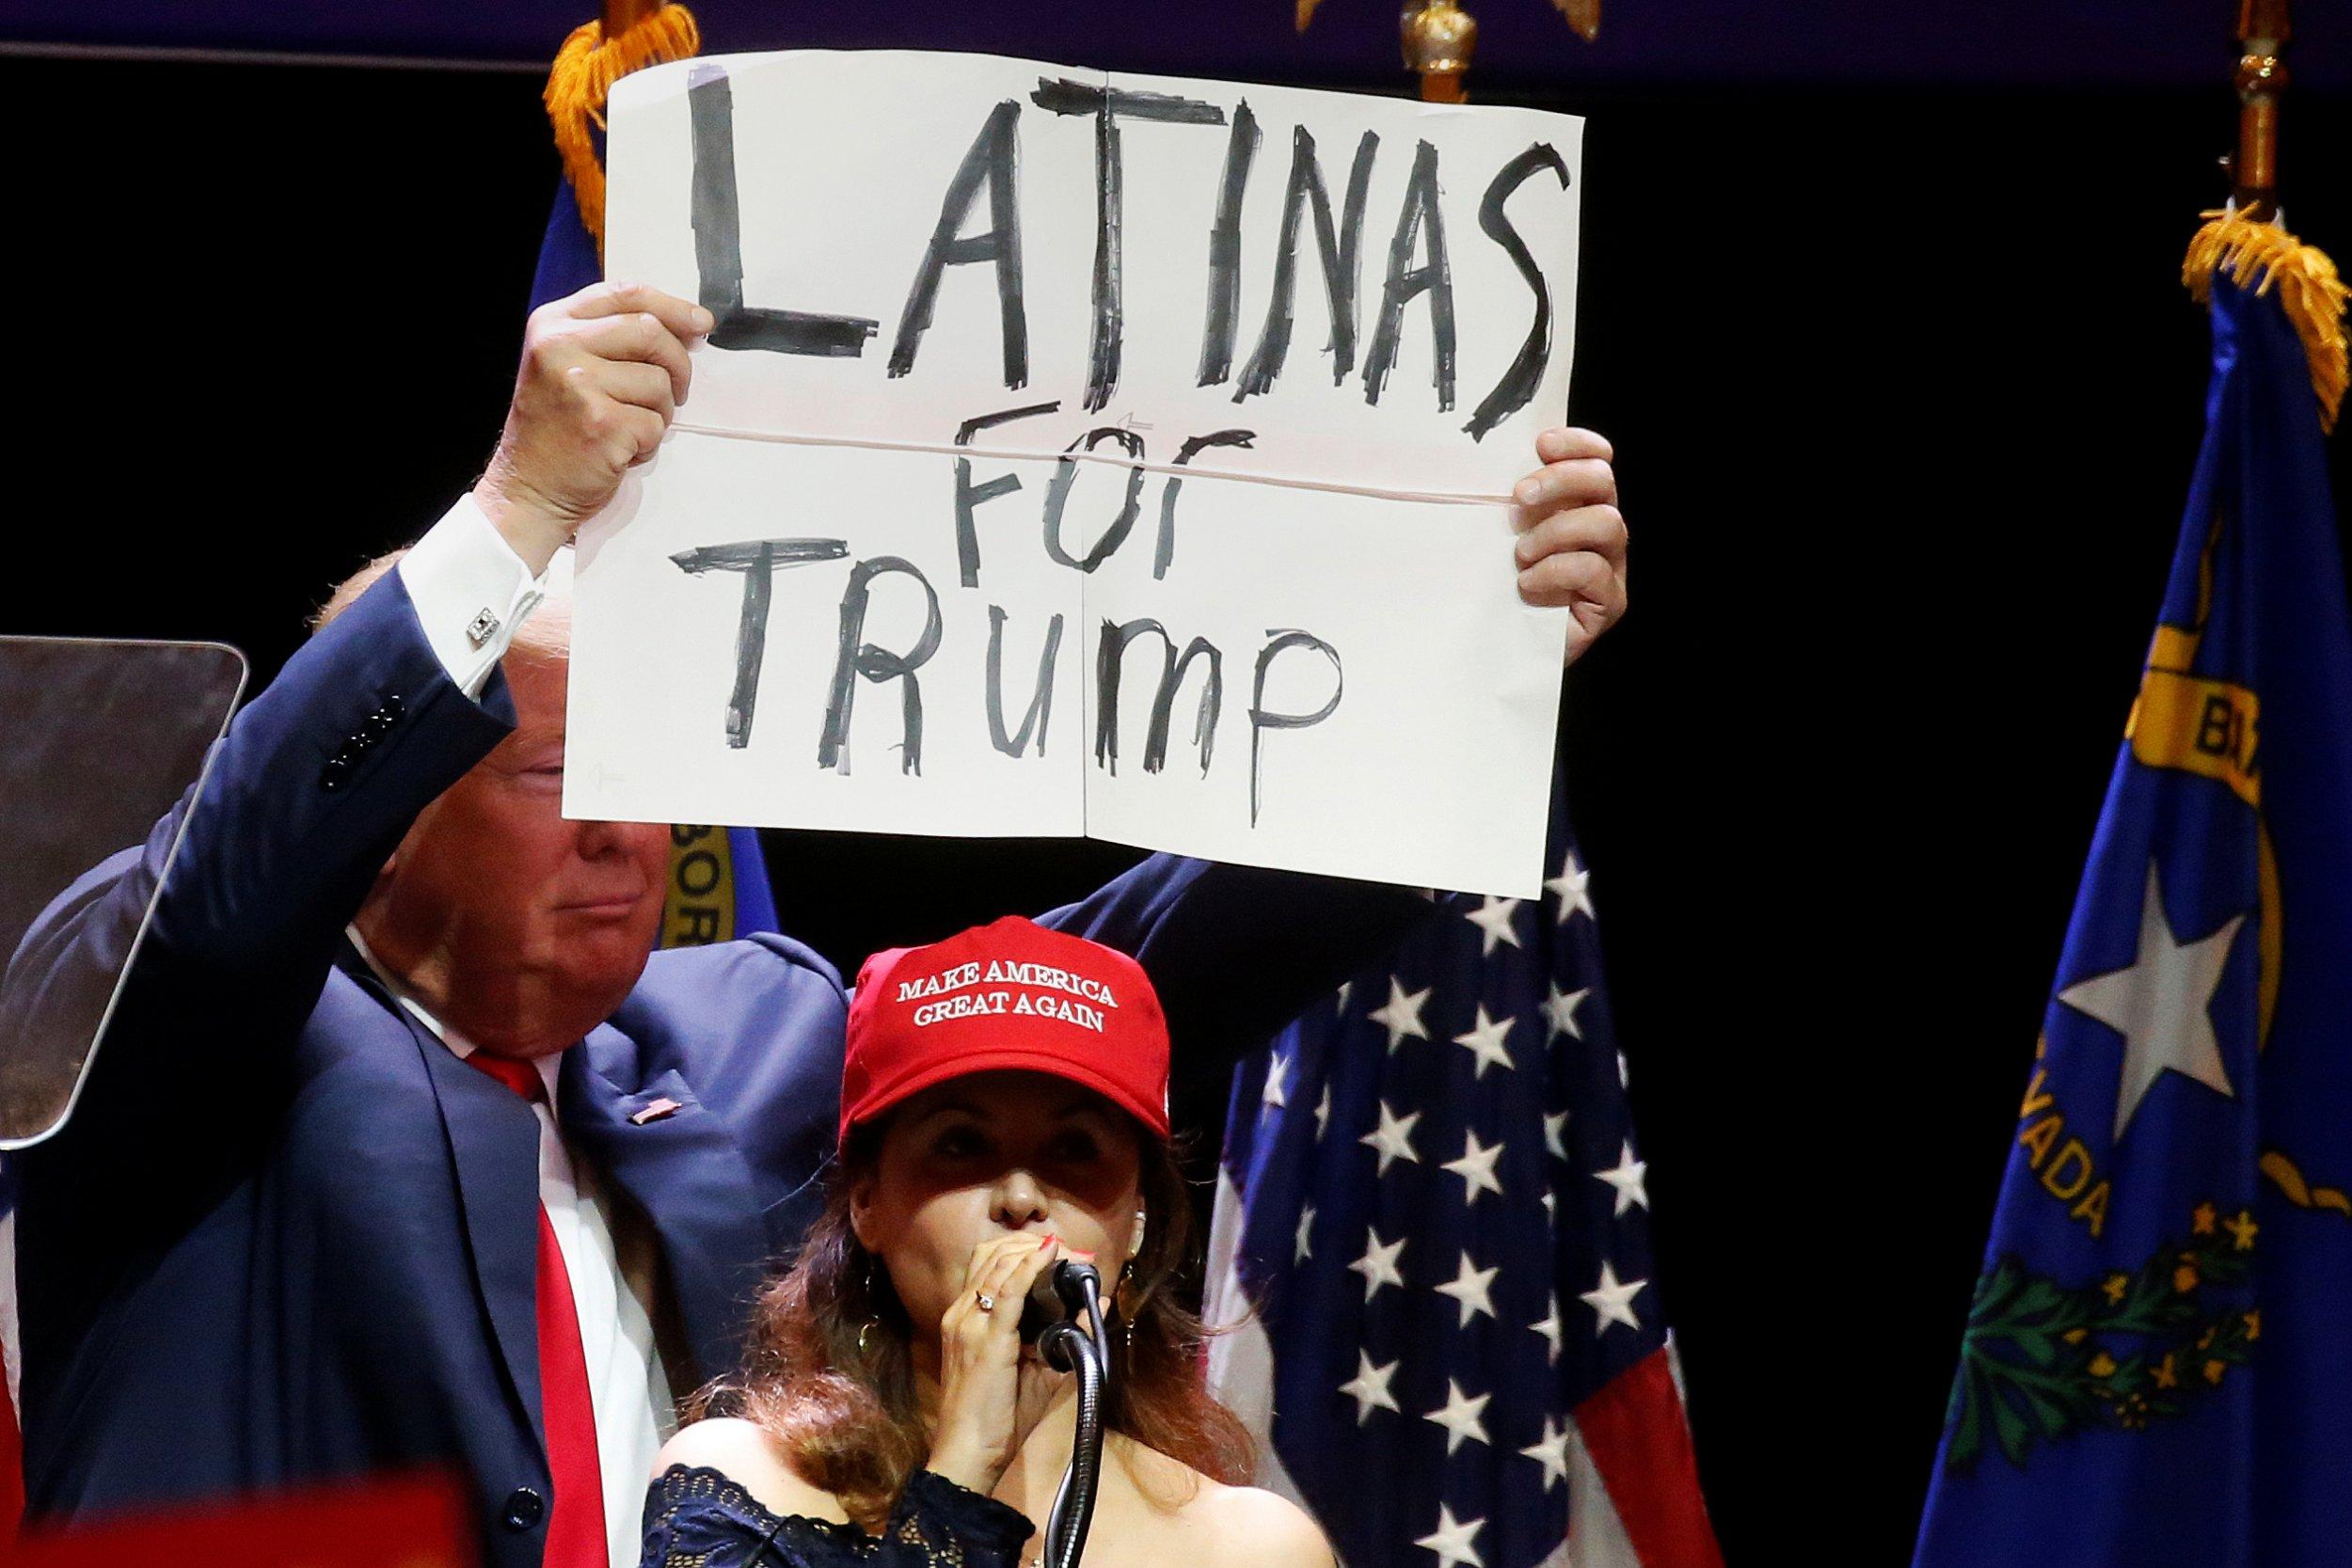 Trump Latinas